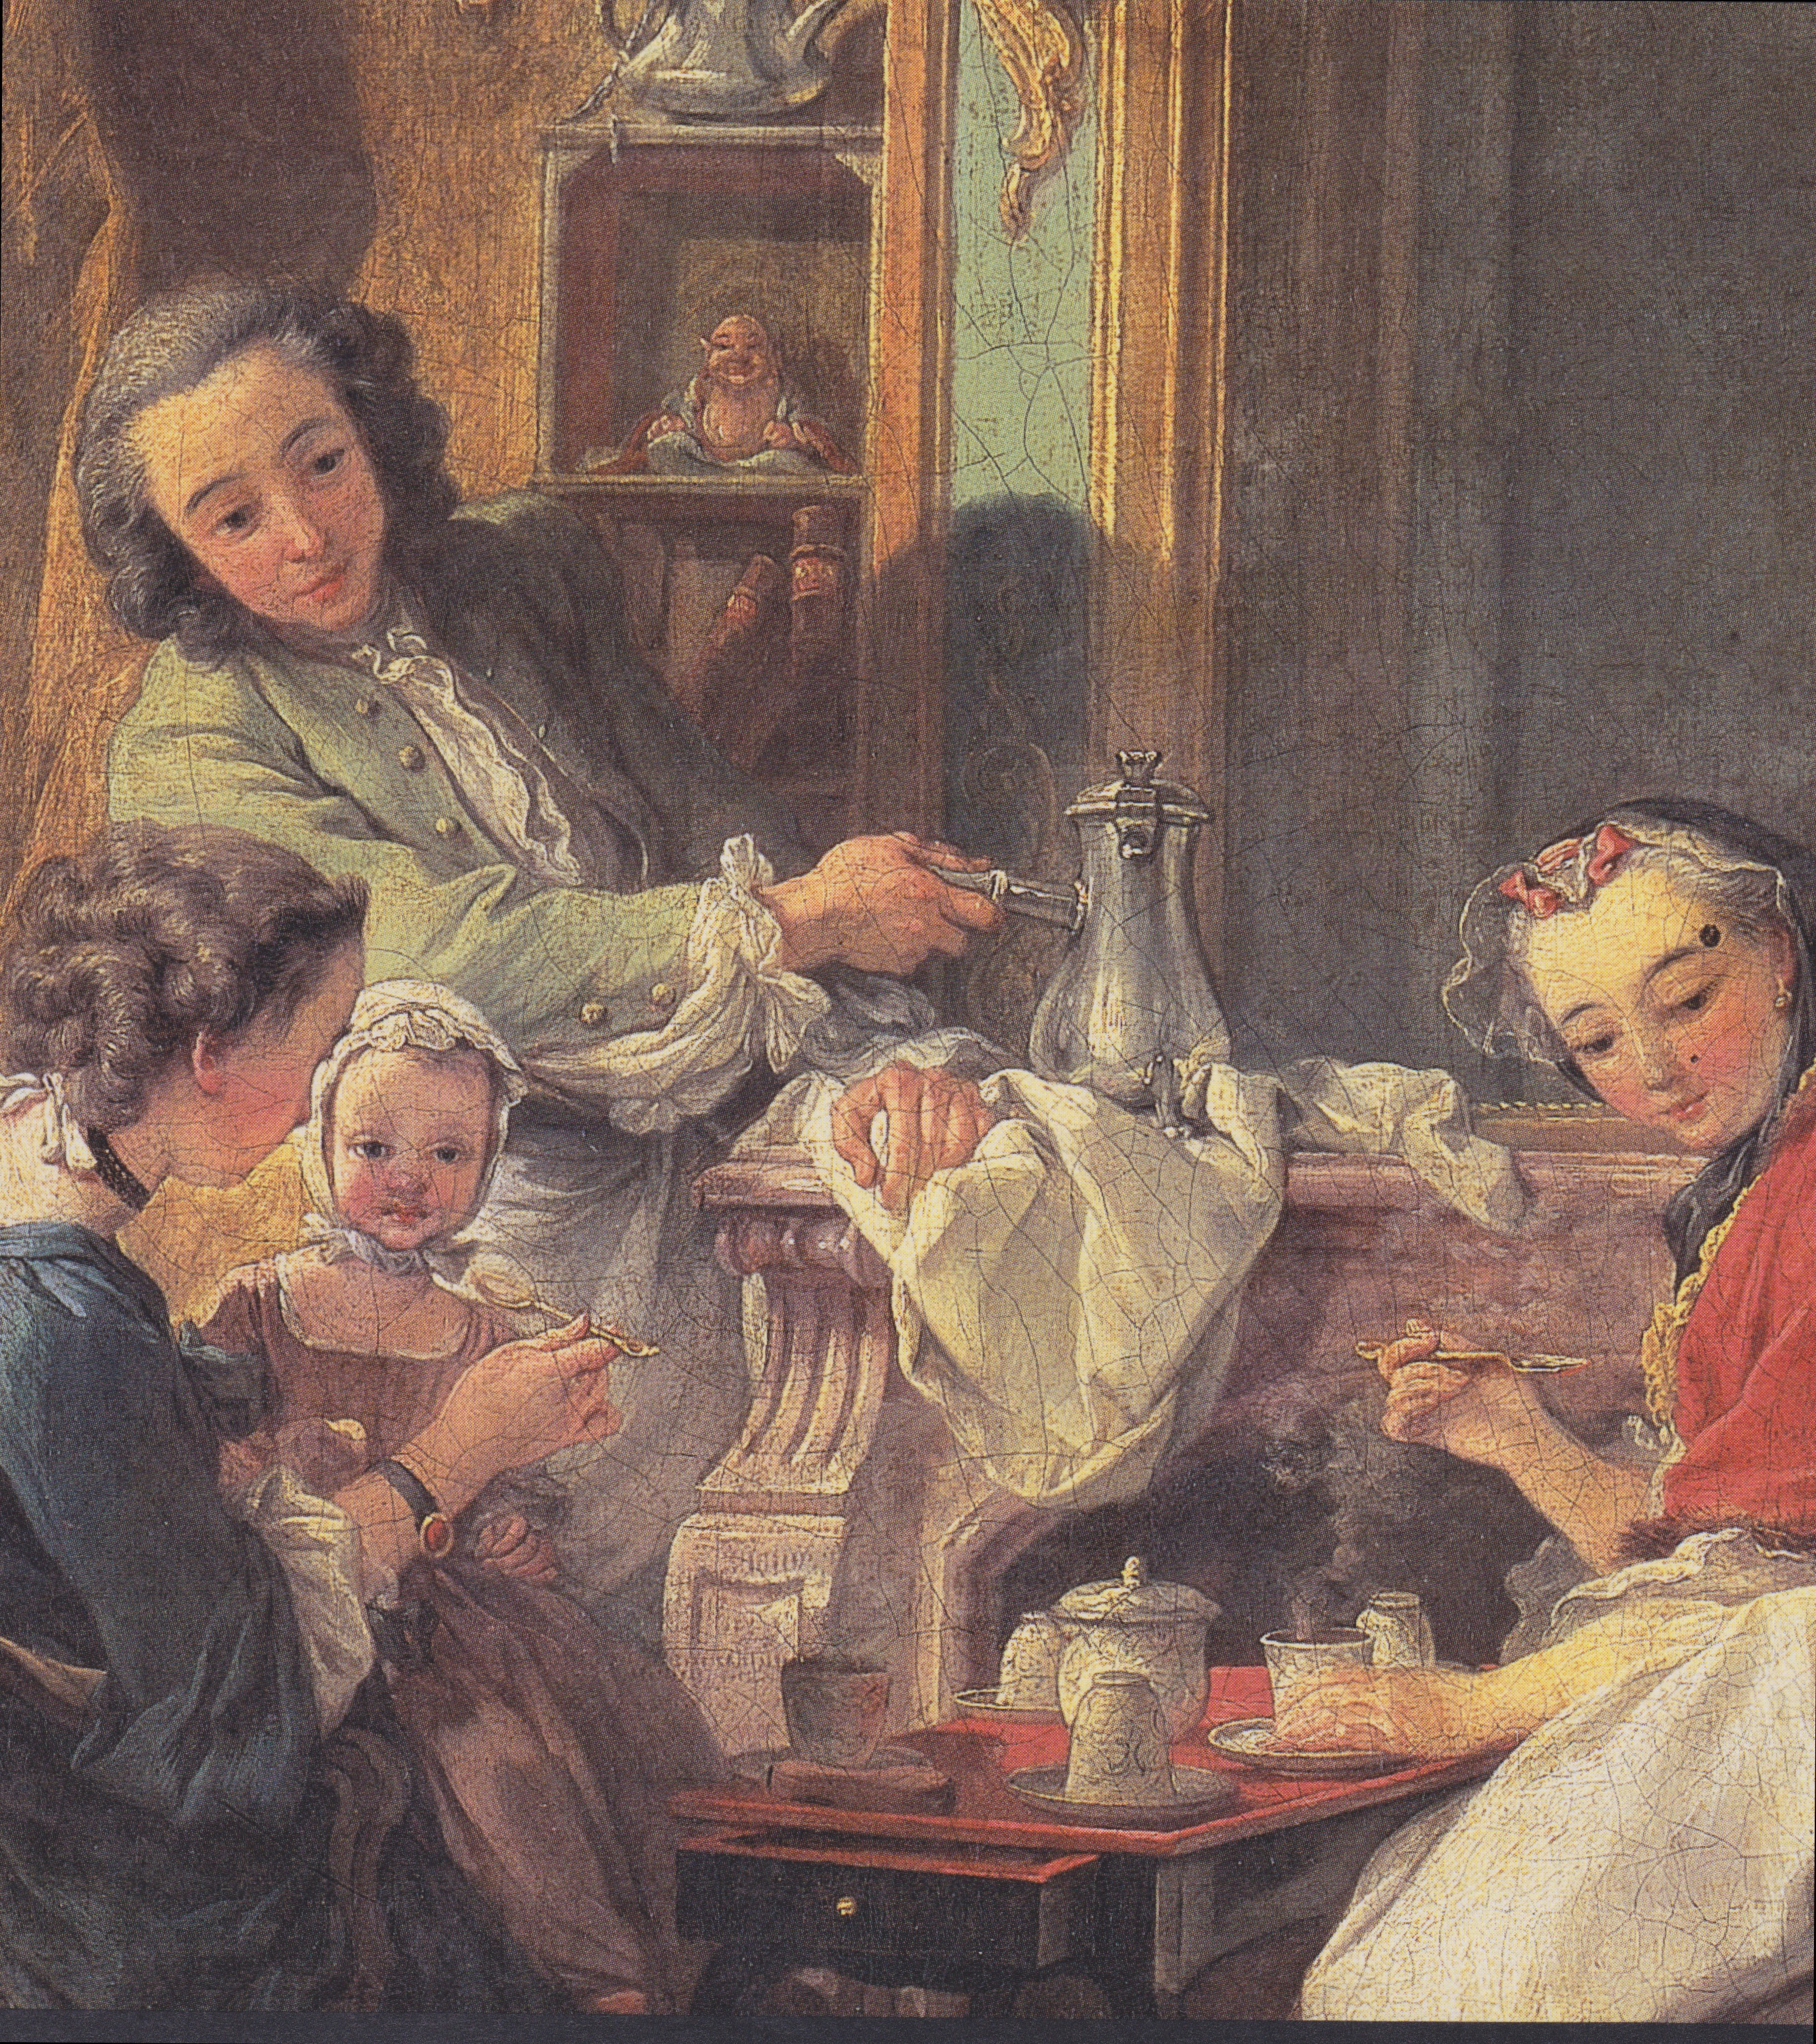 File:Boucher - Das Frühstück - 1739.jpeg